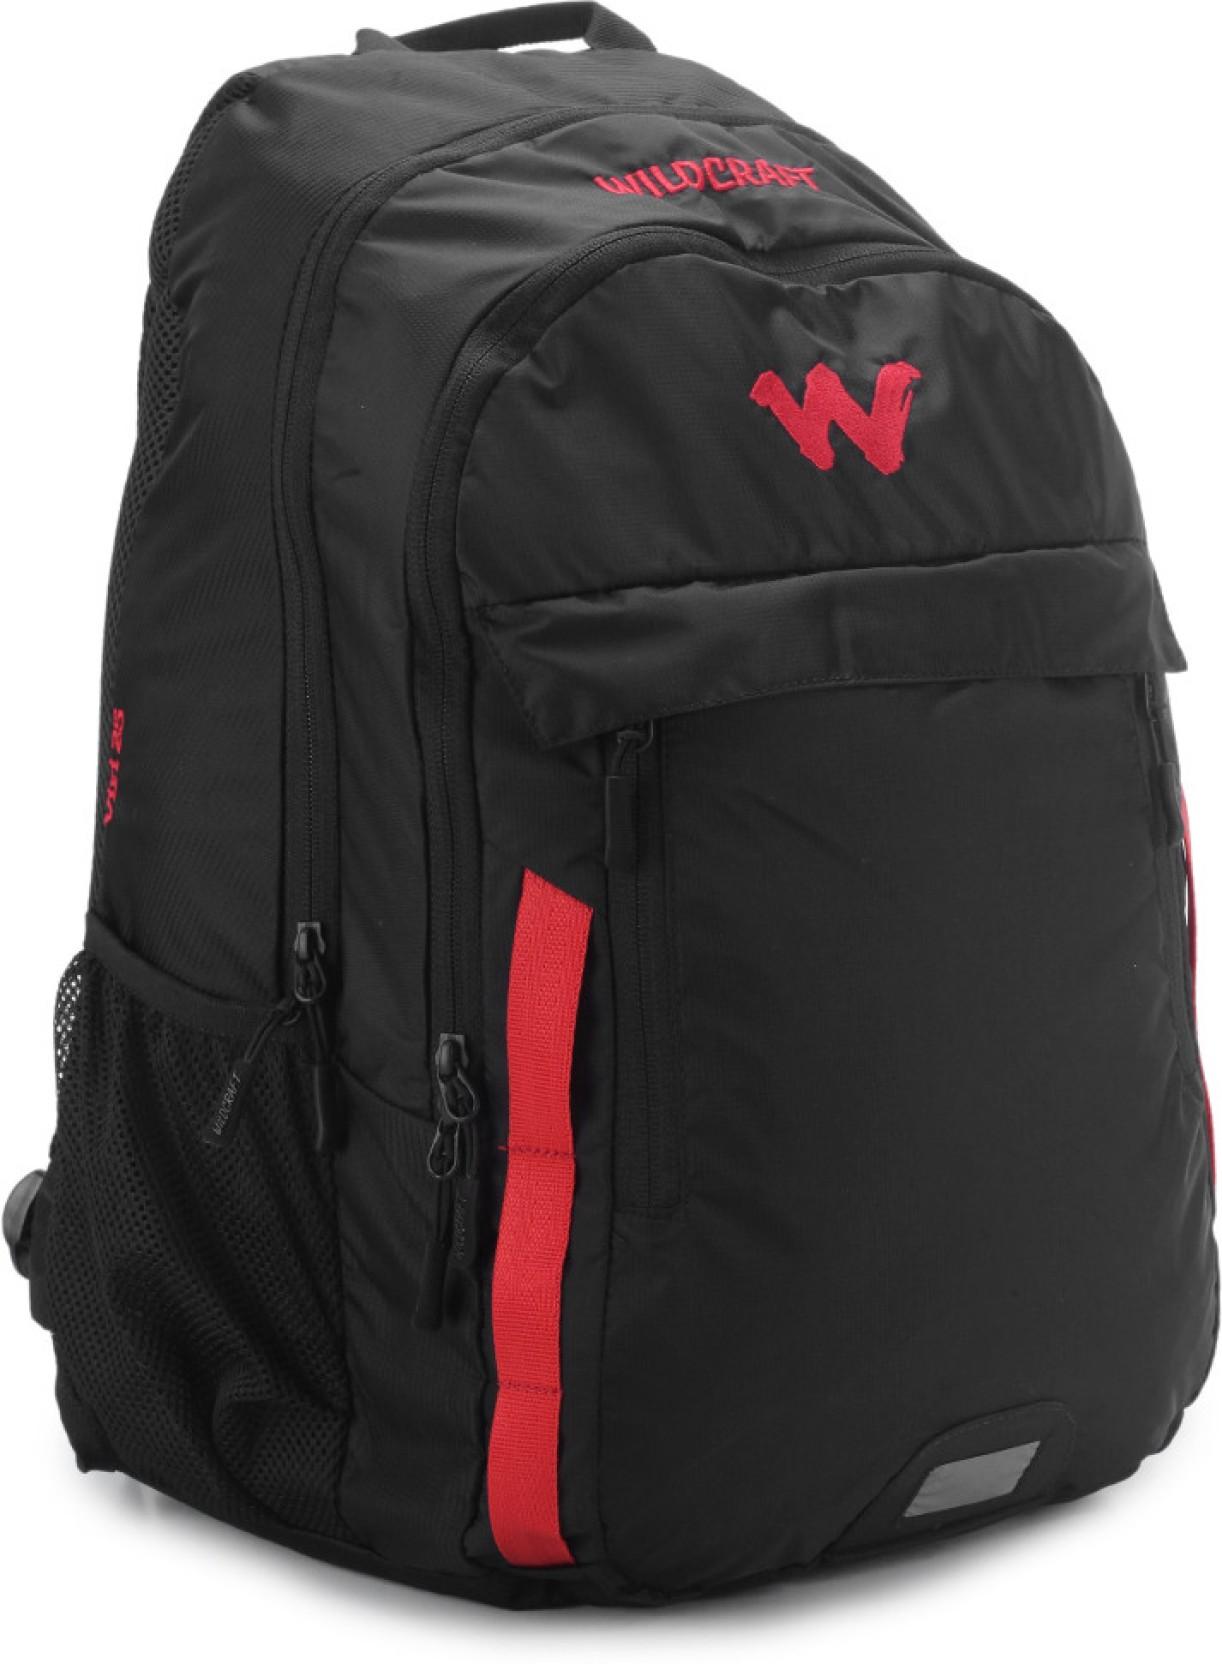 wildcraft viri laptop backpack black price in india